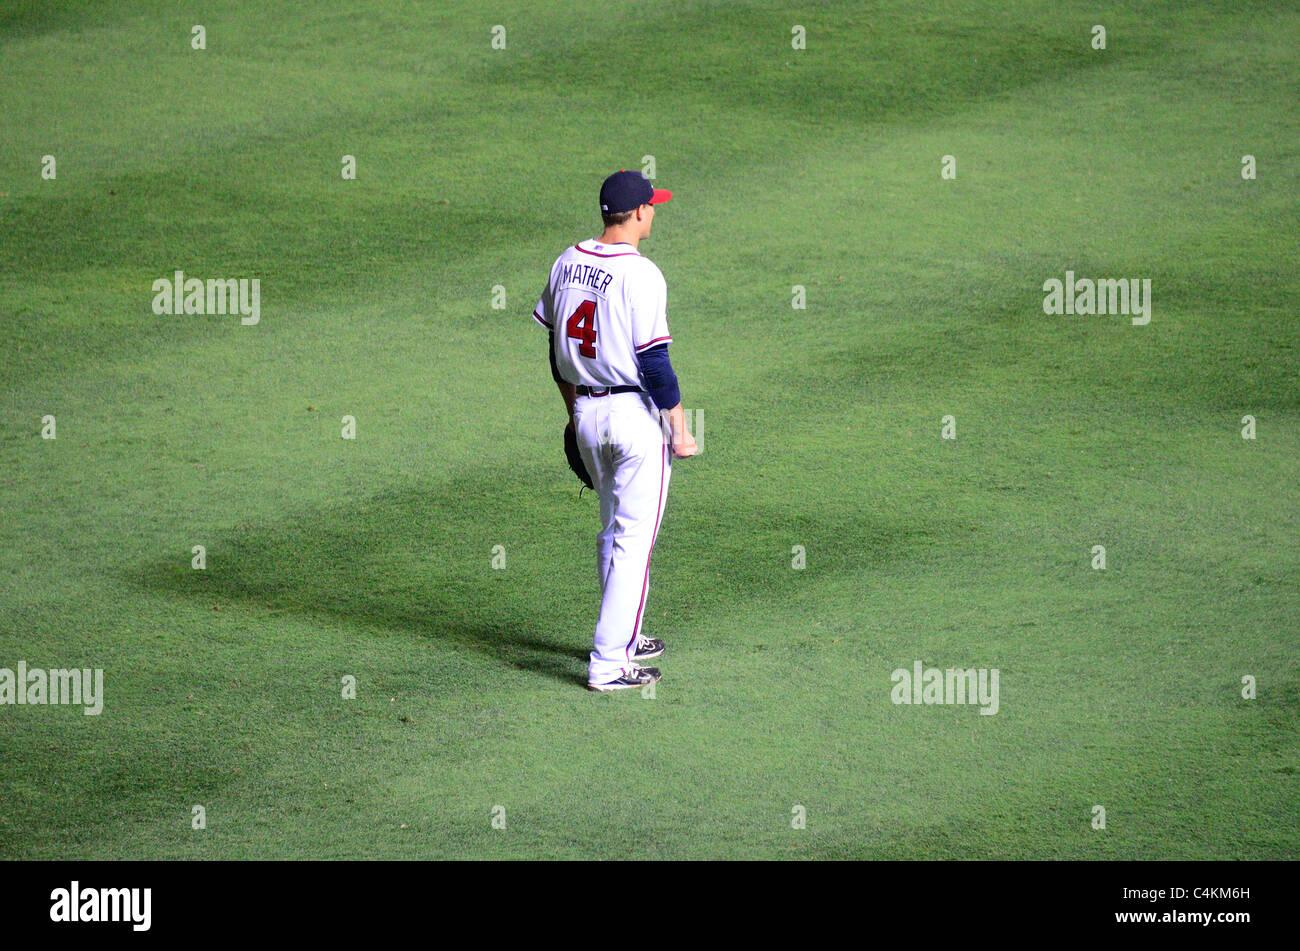 Atlanta, Georgia - 16 Giugno 2011: Joe Mather degli Atlanta Braves squadra di baseball. Immagini Stock